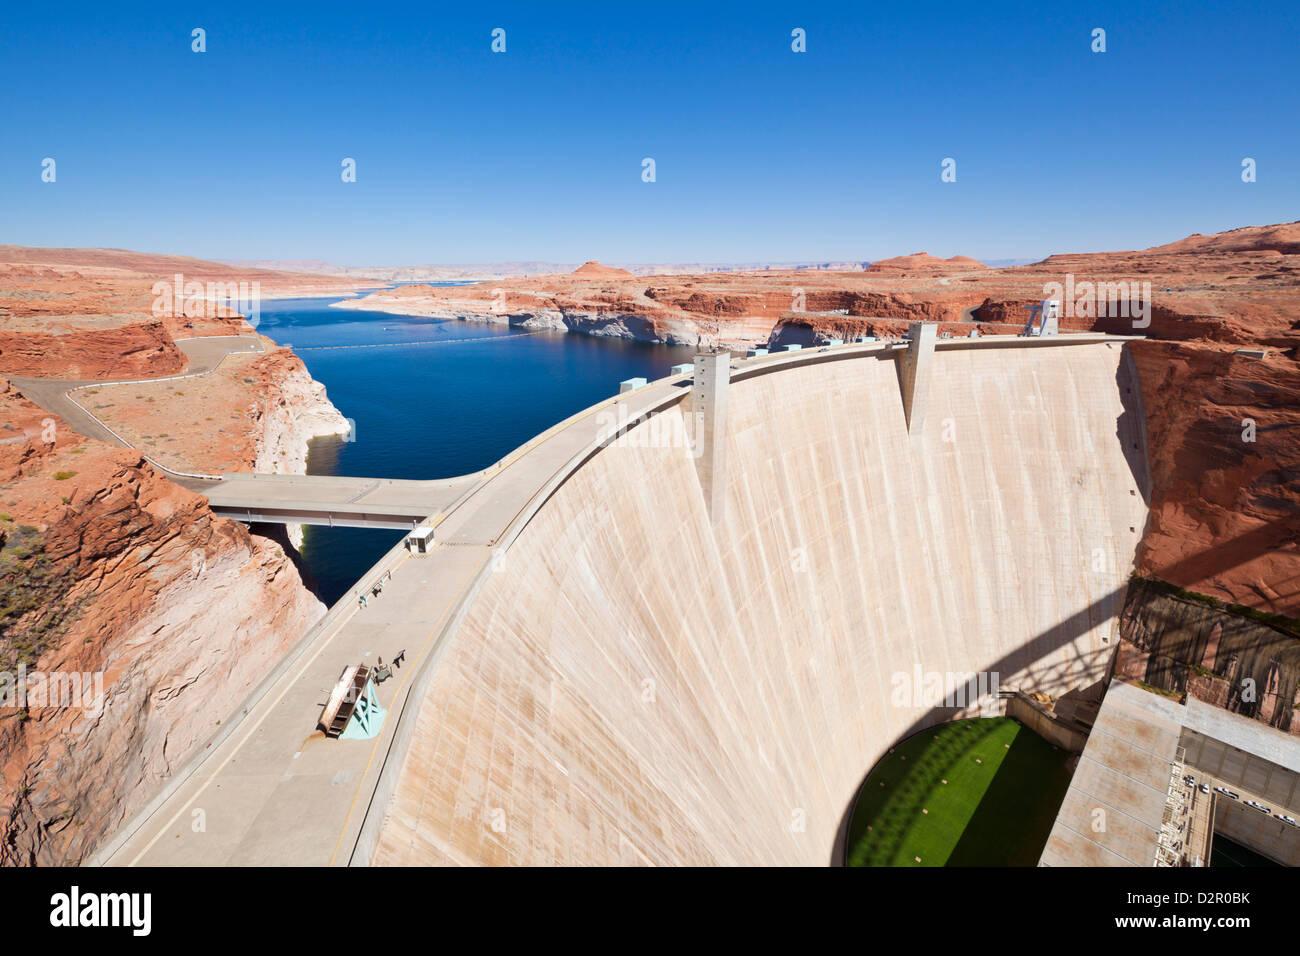 Glen Canyon Dam, Lake Powell, Pagina, Arizona, Stati Uniti d'America, America del Nord Immagini Stock